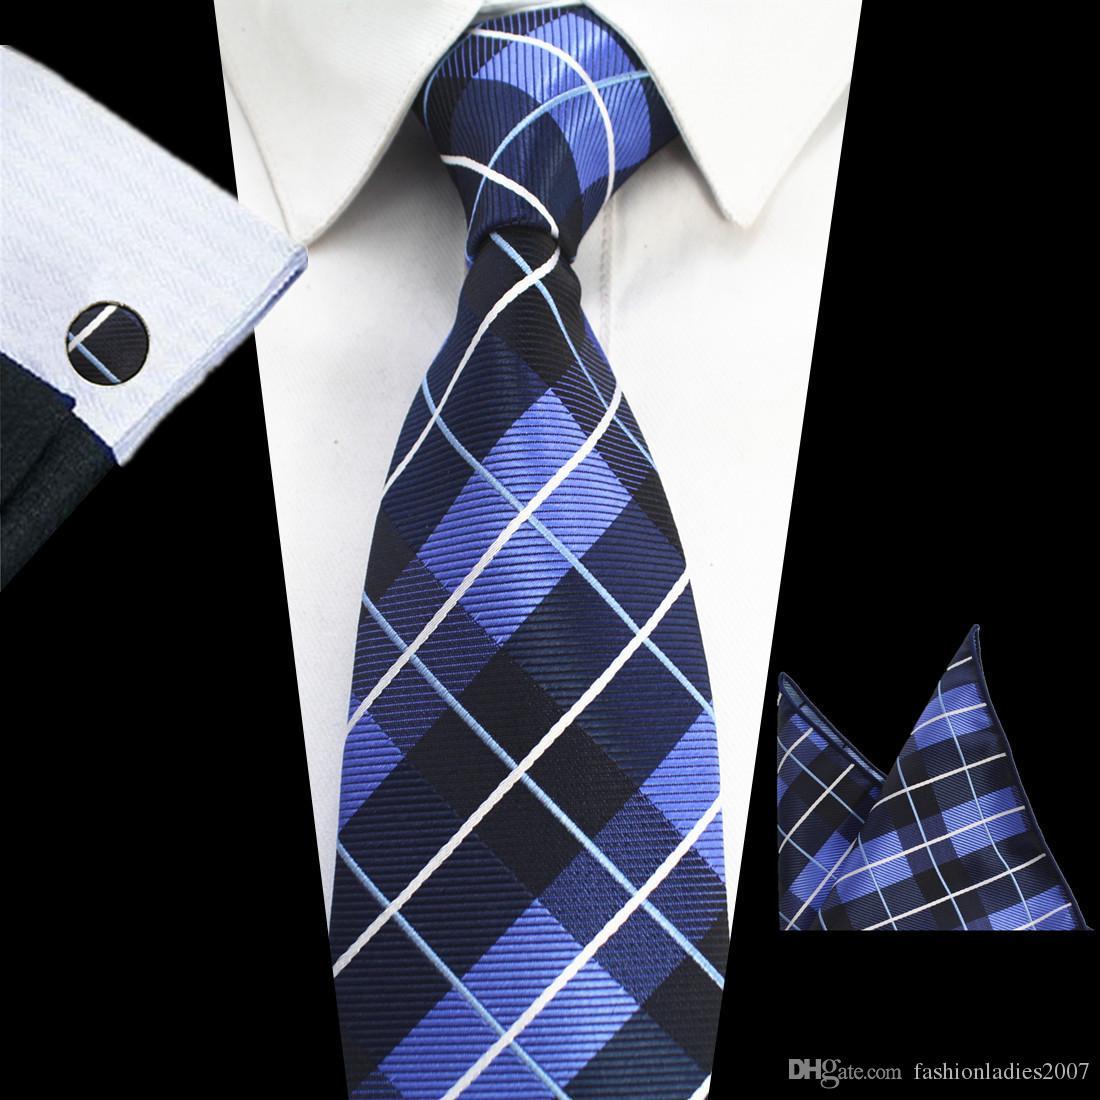 Klasik Erkek Kravatlar setleri 51 Tasarım 100% Ipek Boyun Kravatlar hanky kol düğmesi Erkekler için 8 cm Ekose Çizgili Kravatlar Örgün İş Düğün Gravatas